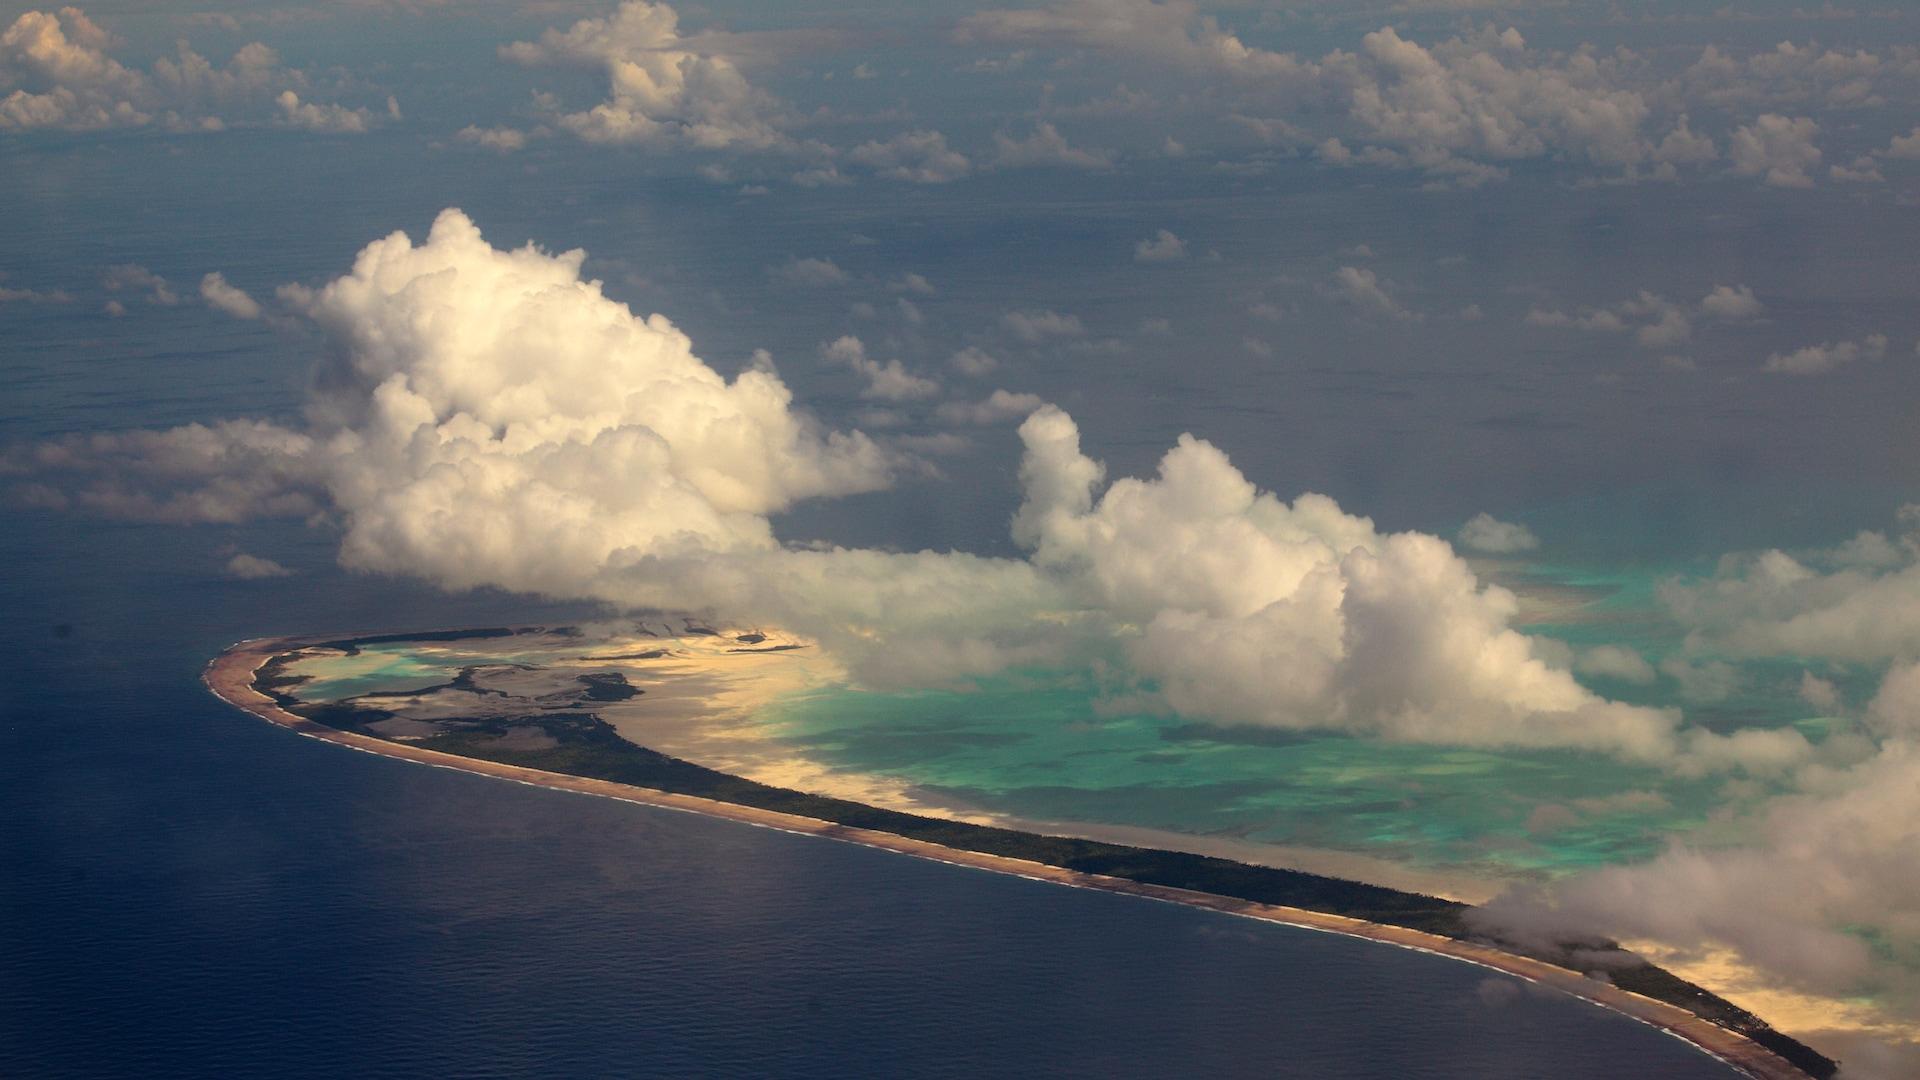 Une île de l'archipel de Kiribati, vue à travers les nuages